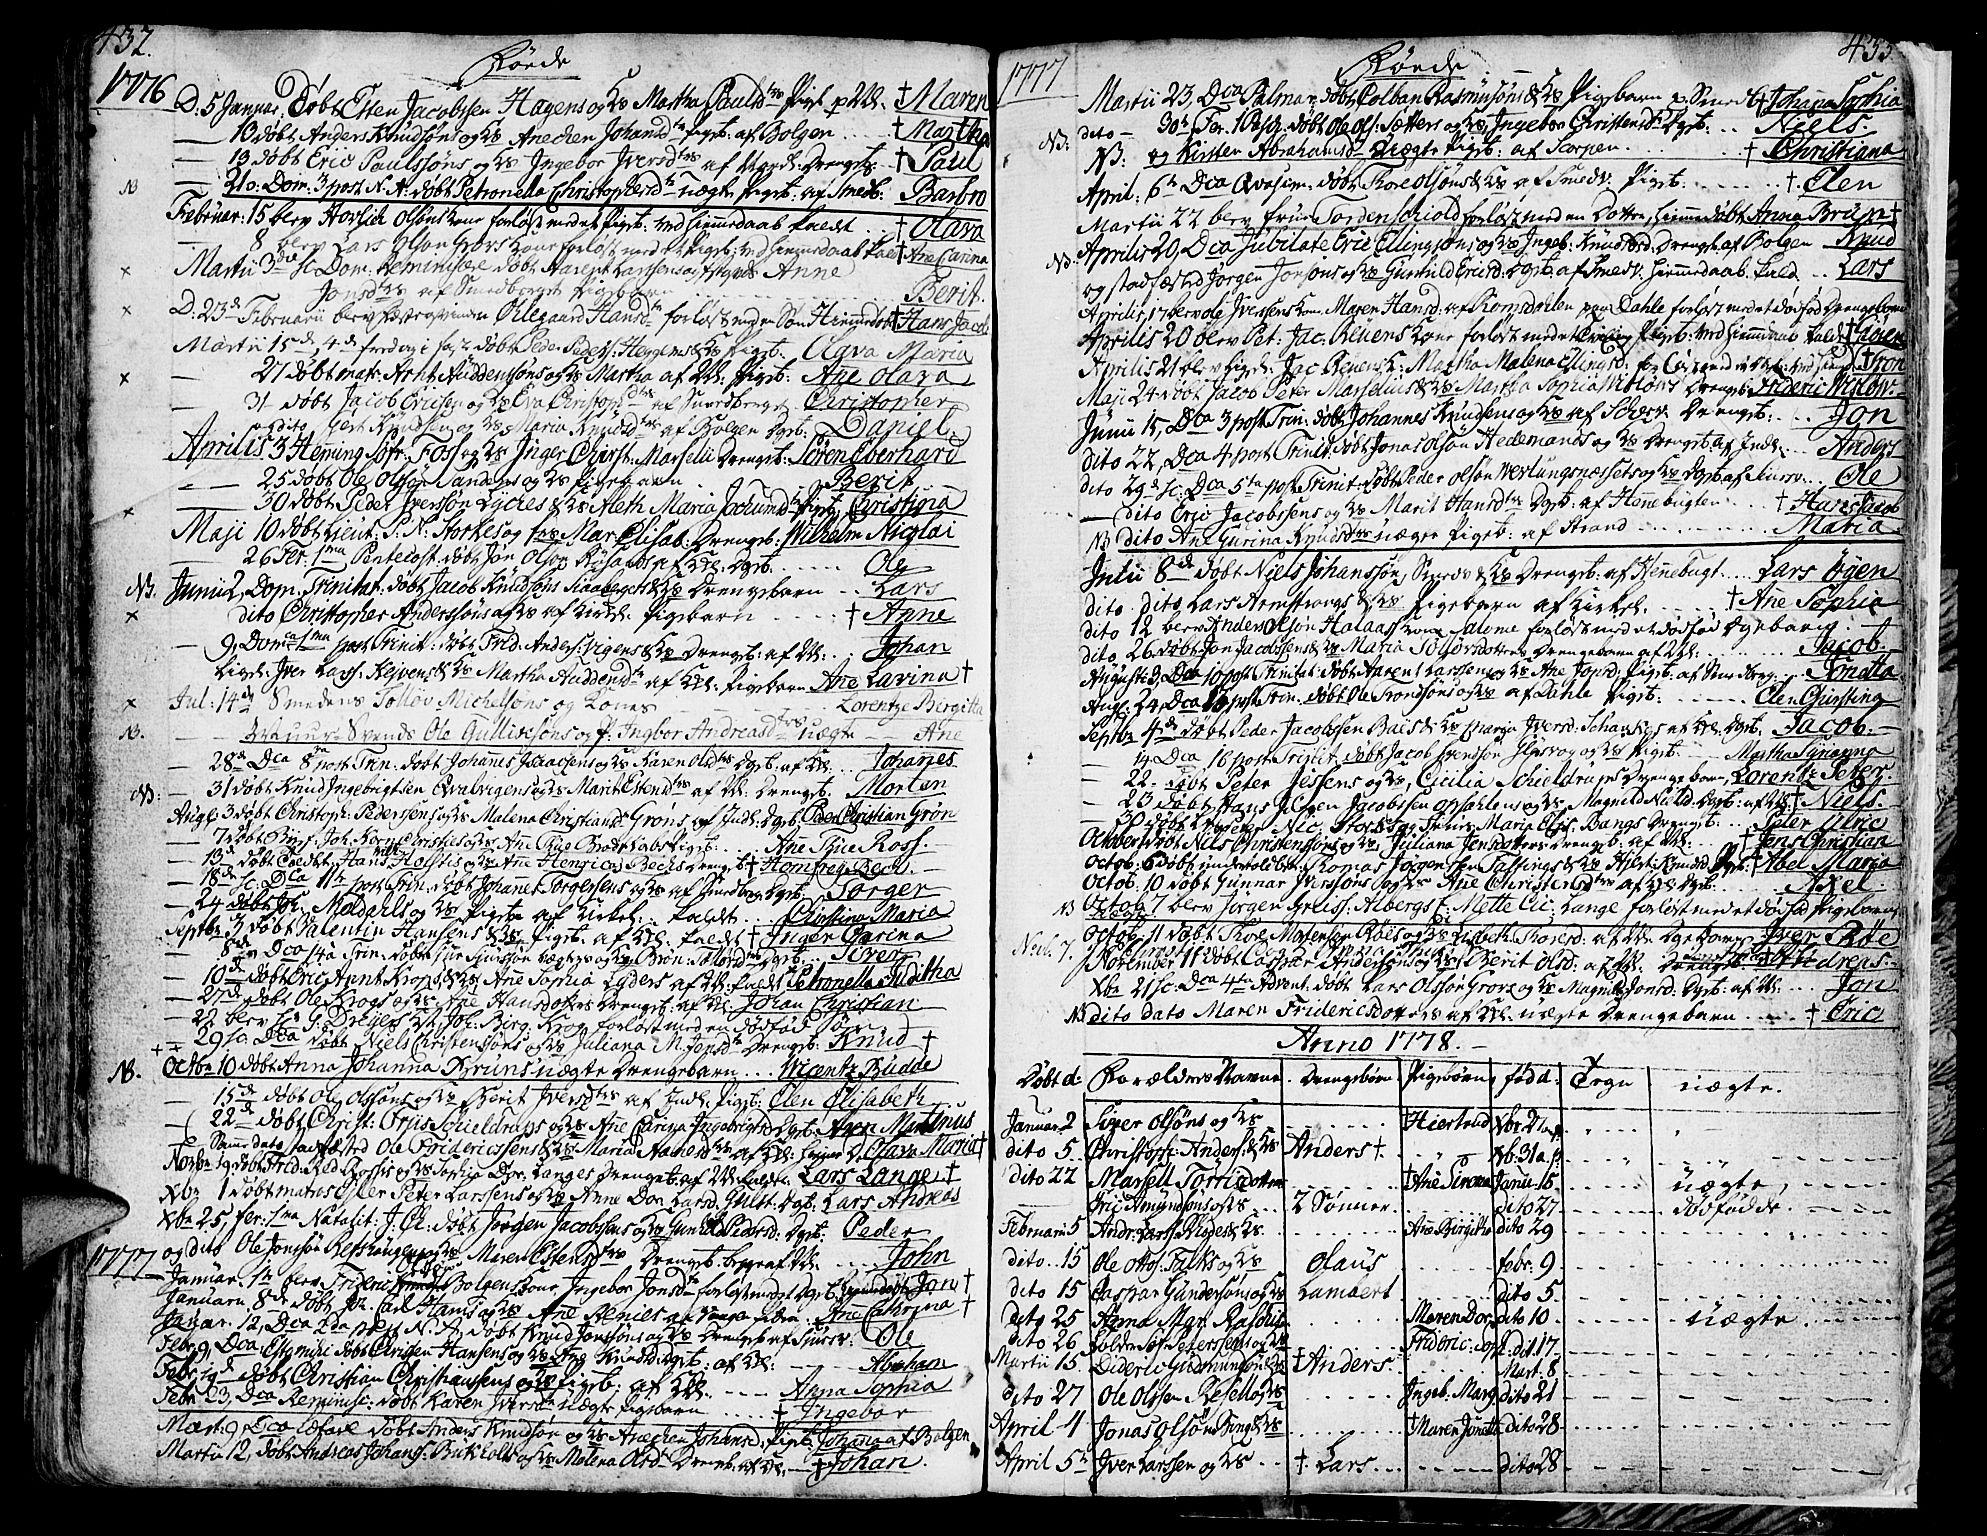 SAT, Ministerialprotokoller, klokkerbøker og fødselsregistre - Møre og Romsdal, 572/L0840: Ministerialbok nr. 572A03, 1754-1784, s. 432-433